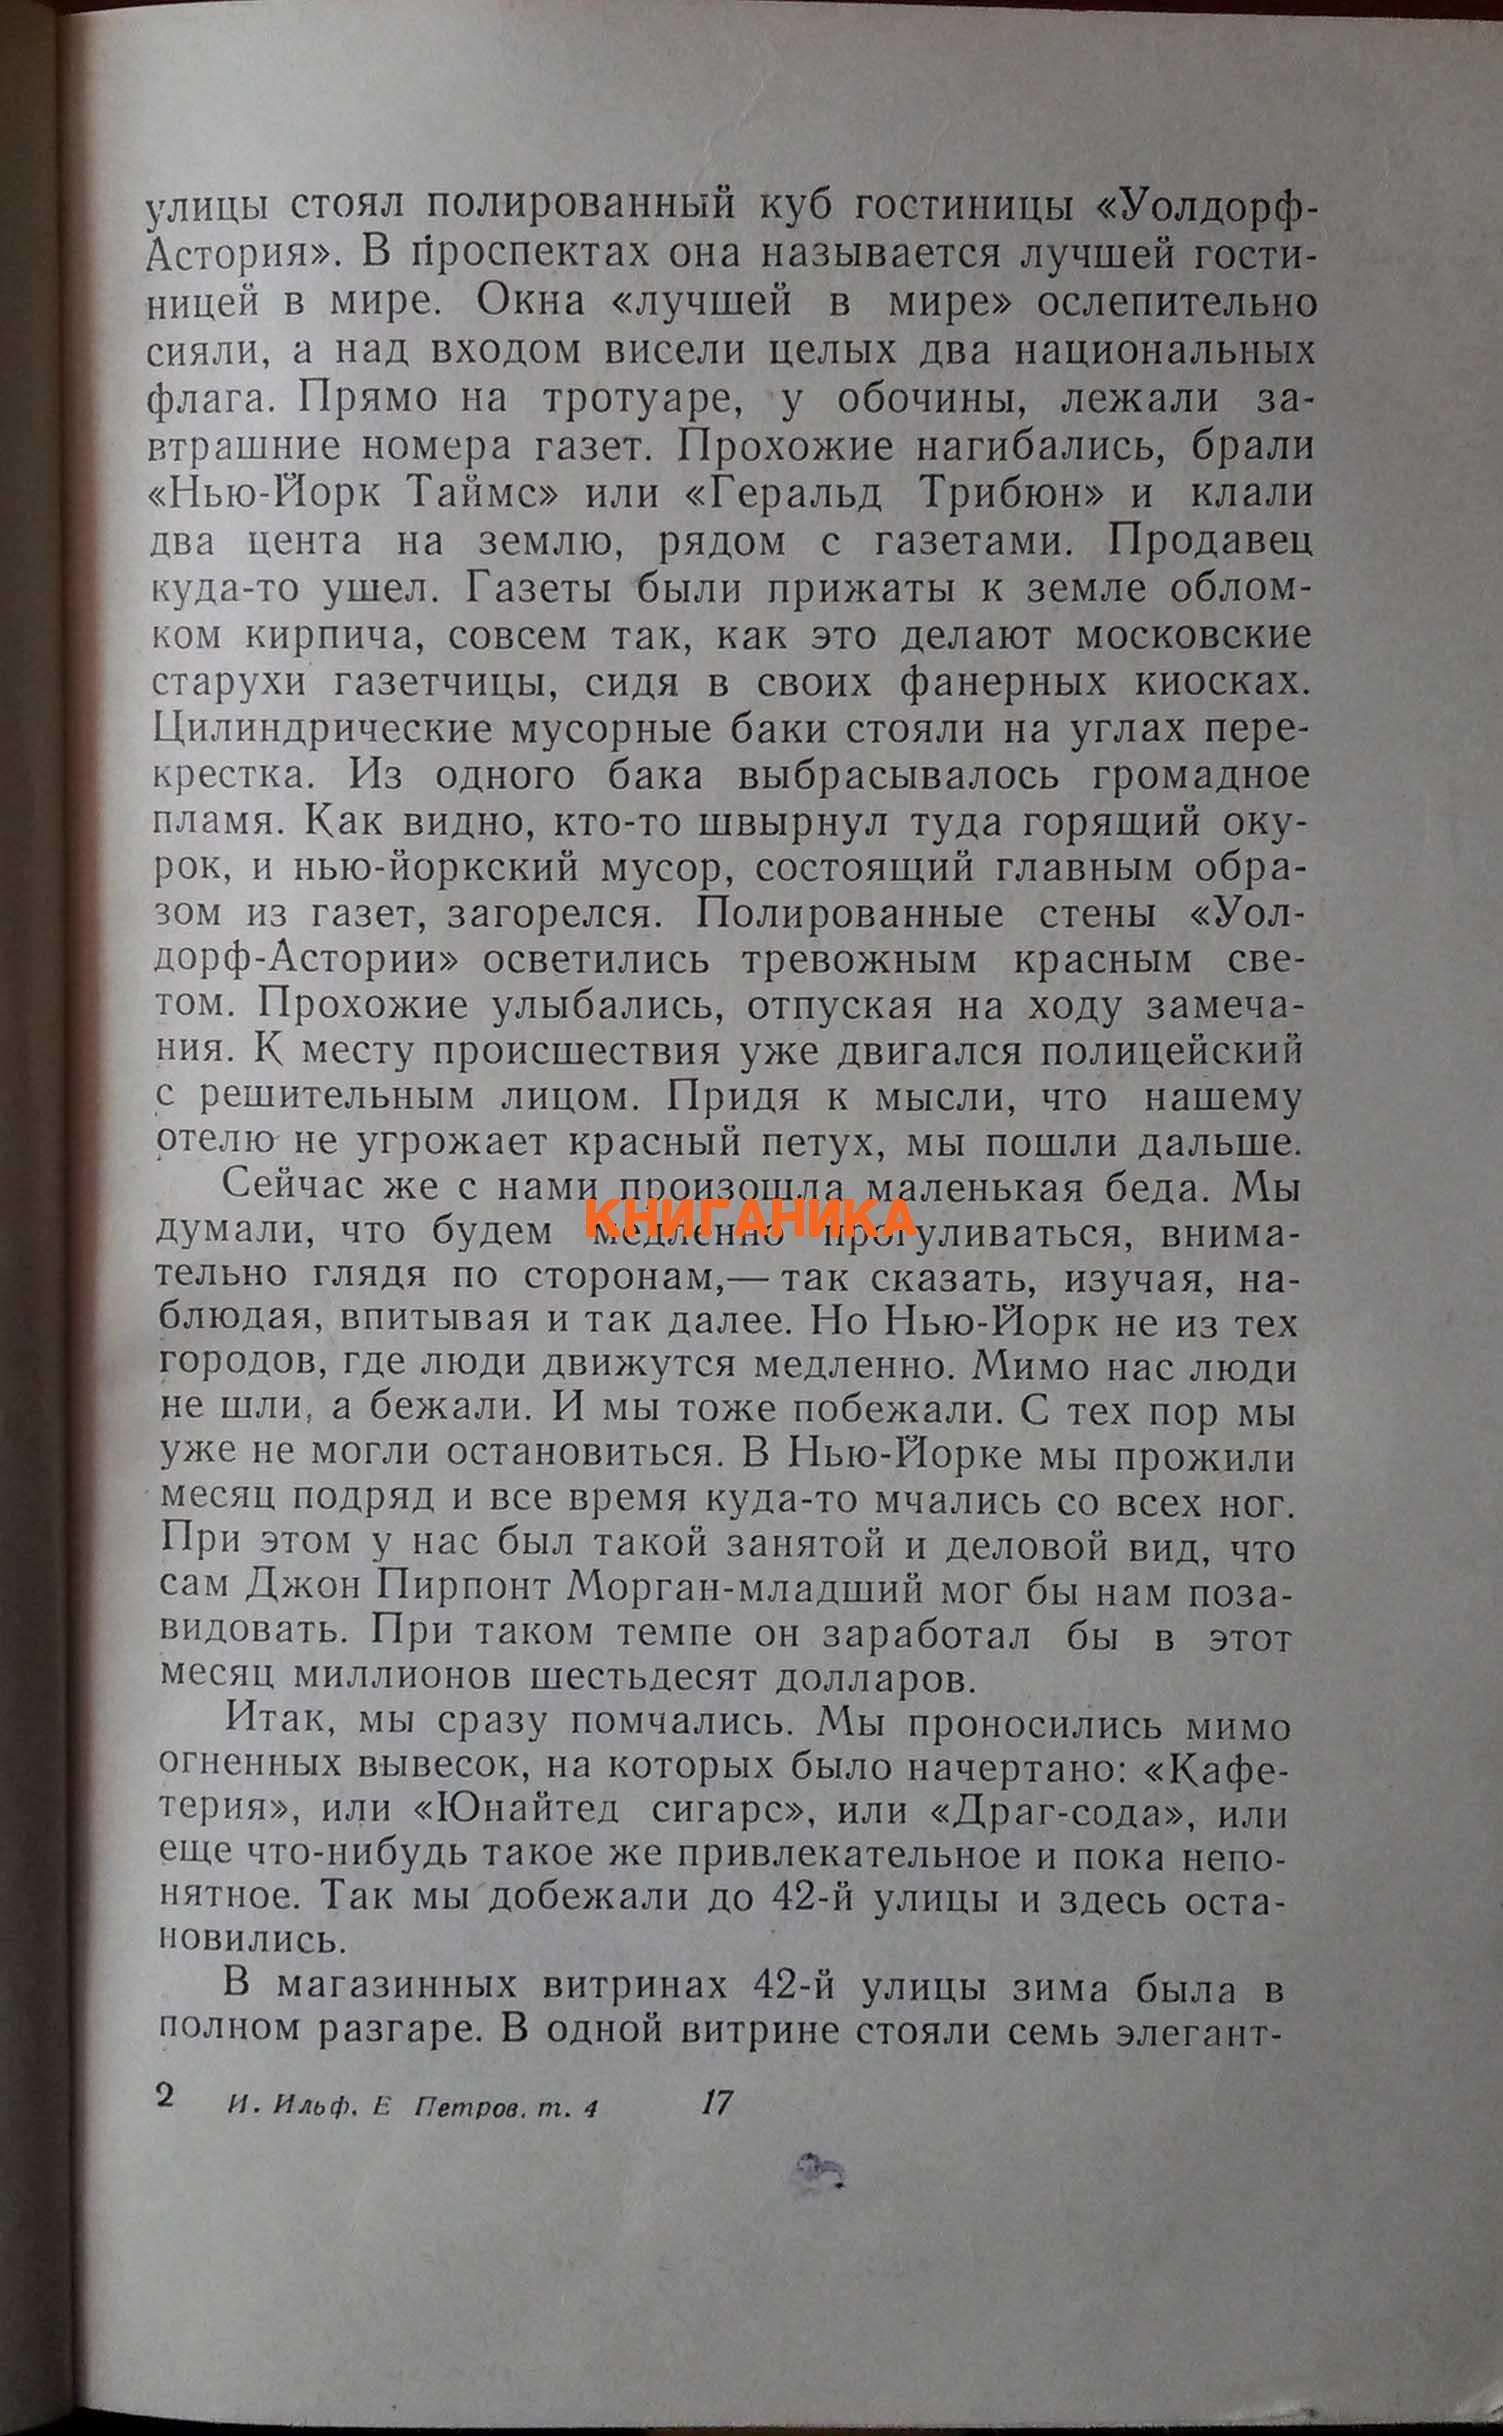 Ильф и Петров. Собрание сочинений. Фото илл. 3